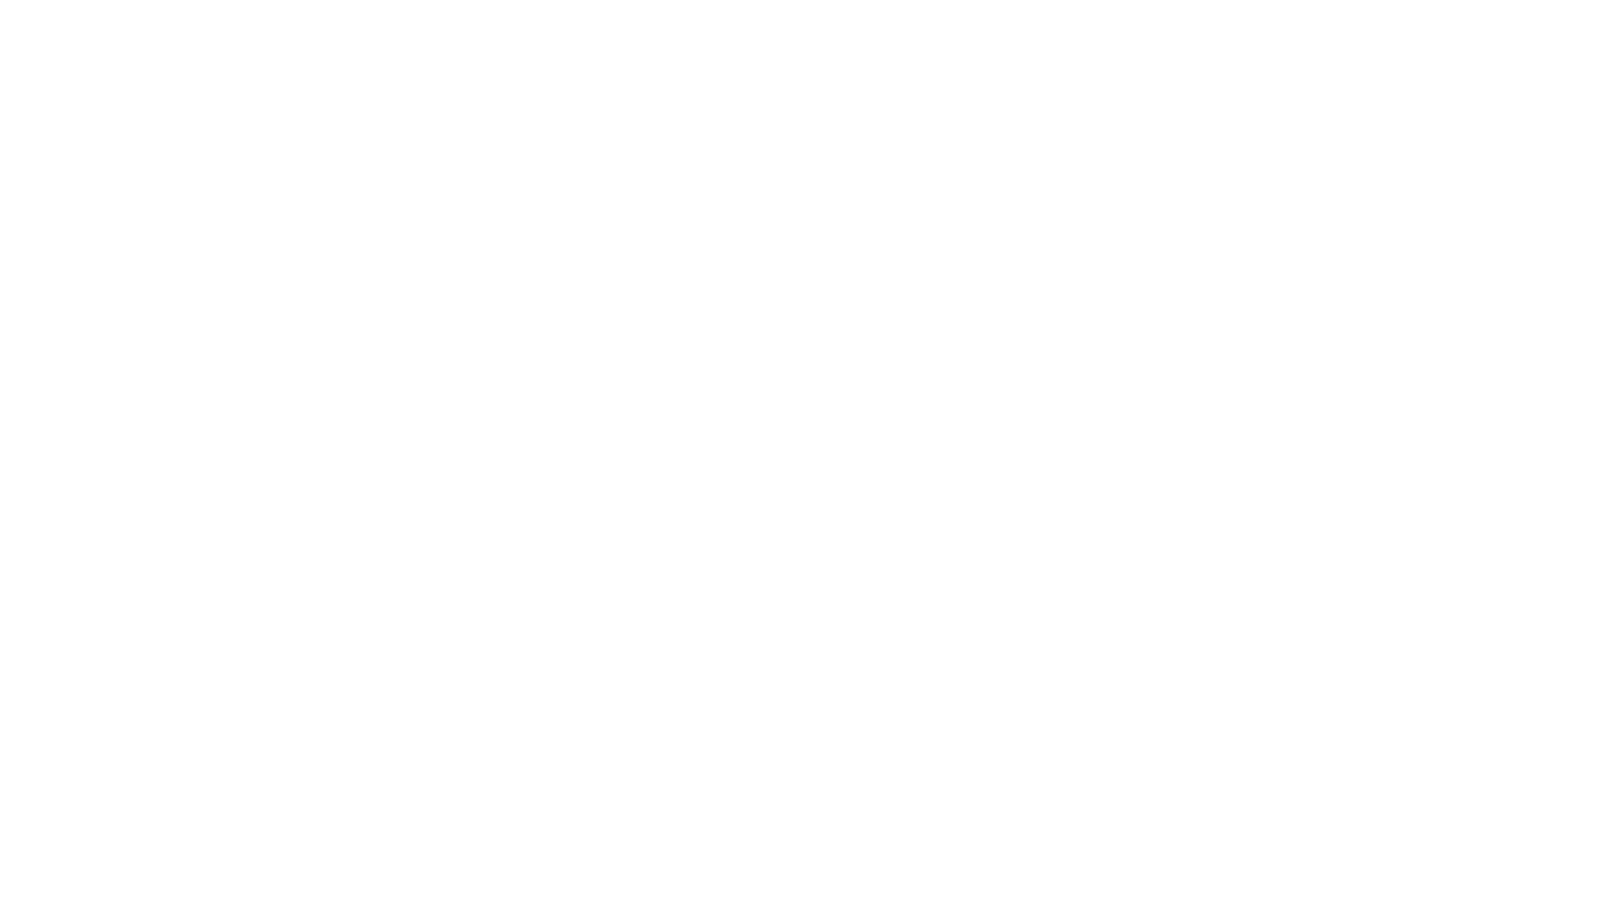 """Aqui ficam as nossas sinceras sugestões / recomendações para o 1º trimestre de 2021.  Este é o #11 vídeo da série """"O Melhor smartphone até…"""" 🤘 , para te dar a conhecer a melhor opção a tomar, numa possível compra de um novo telemóvel / celular / smartphone…  Ademais, esta seleção de smartphones teve com base os telemóveis que testamos nos últimos meses e nas novidades que analisamos.  Todas as nossas recomendações podem ser encontradas na Amazon, através da nossa página de recomendações 🎯 : https://amazon.4u.pt   Para este 1º trimestre de 2021, as nossas sugestões para smartphones são:  • smartphone até 200 € - Xiaomi Redmi Note 9 / Note 9S: https://amzn.to/2ZTXeBO ;  • smartphone até 300 € - Xiaomi Mi10T Lite 5G: https://amzn.to/3q4uhO6 ;  • smartphone até 400 € - Xiaomi Mi10T 5G: https://amzn.to/2ZXFjKI ;  • smartphone até 500 € - Xiaomi Mi10T Pro 5G: https://amzn.to/2PeK1Br ;  • smartphone Ilimitado – Samsung Galaxy S21 Ultra: https://amzn.to/2ZX8CwO .  Espero que este vídeo te seja útil e se o for, ajuda-me a criar mais conteúdo, carregando em like 👍, subscrevendo ao canal e partilhando 🔗 este vídeo com os teus amigos e colegas 😉.  Sê um tipo espetacular e subscreve ao canal através de https://subs.4u.pt  Vê o vídeo até ao fim e se tiveres alguma dúvida, comenta 💬. Terei todo o gosto em responder às tuas questões.  Por fim, se tiveres à procura de produtos tecnológicos aqui fica o link para os produtos que testamos / recomendamos na Amazon 📦: https://amazon.4u.pt   Um forte abraço e até para a semana.  Pedro Vasconcelos - tech.4u.pt"""